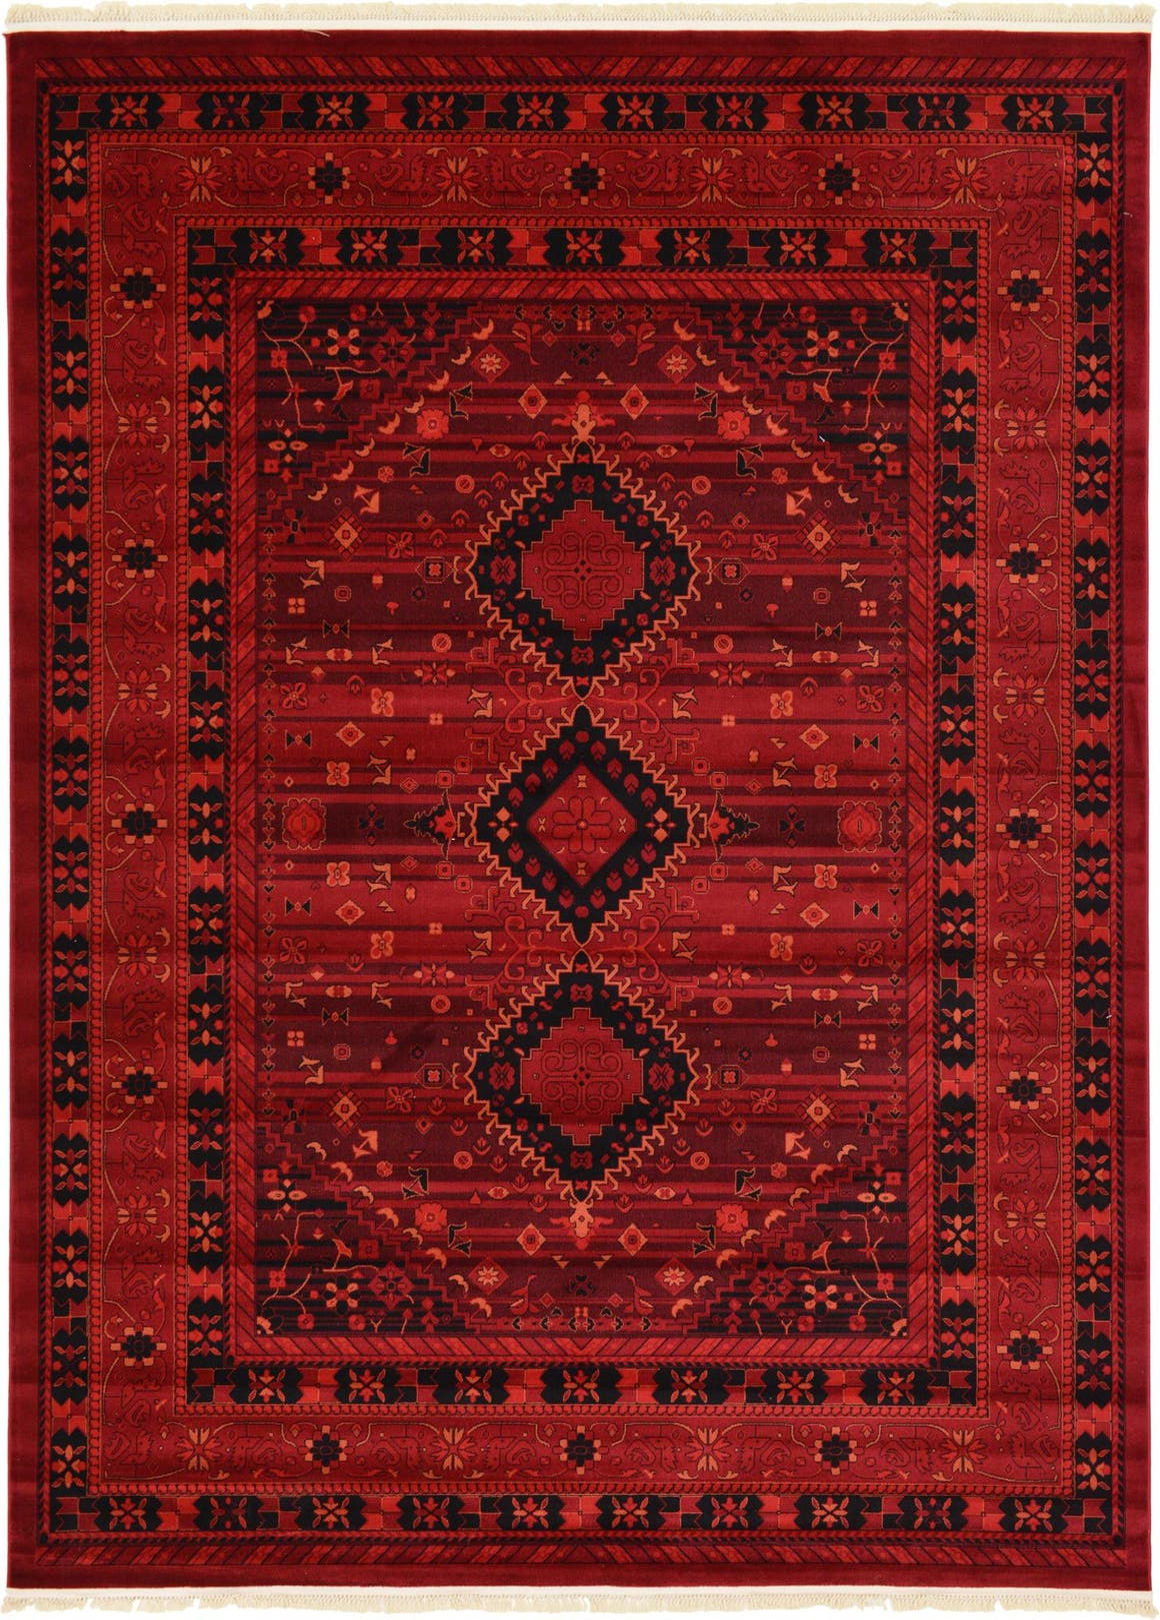 9' x 12' Bokhara Rug main image